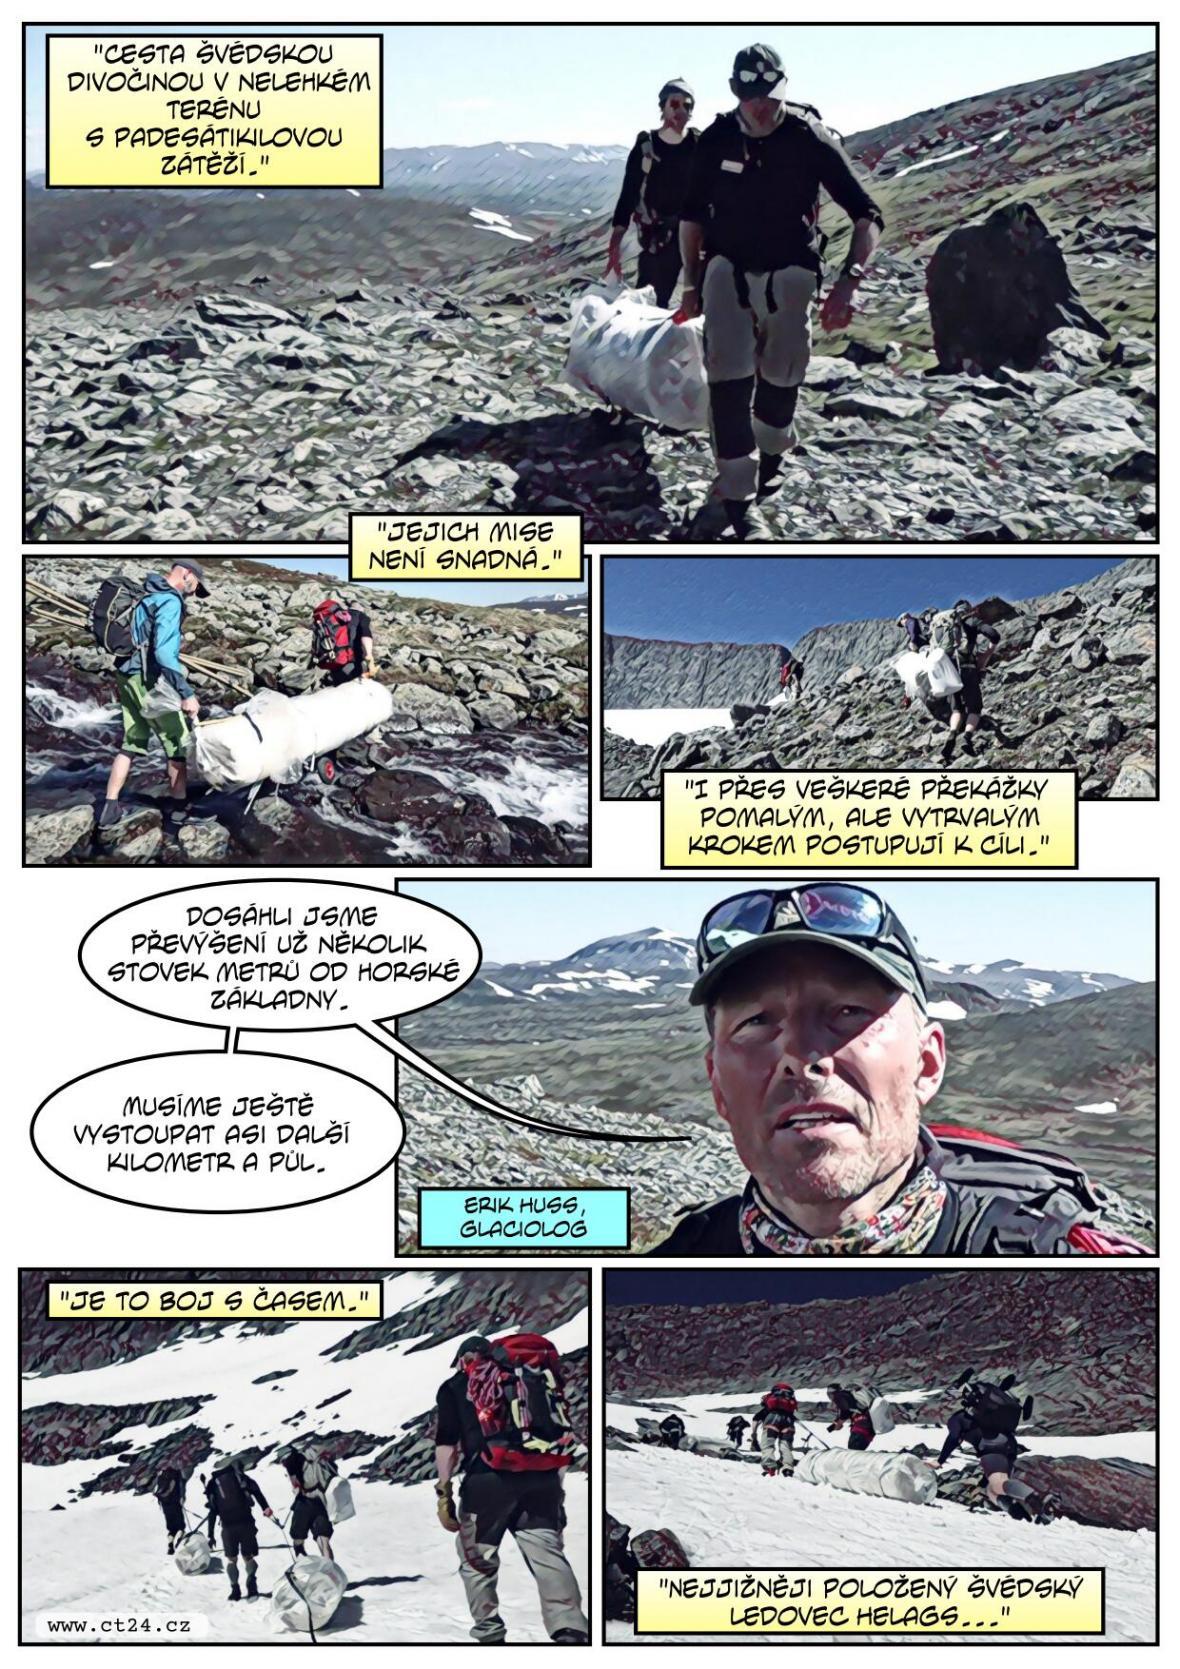 Speciální plachta proti odtávání ledovců